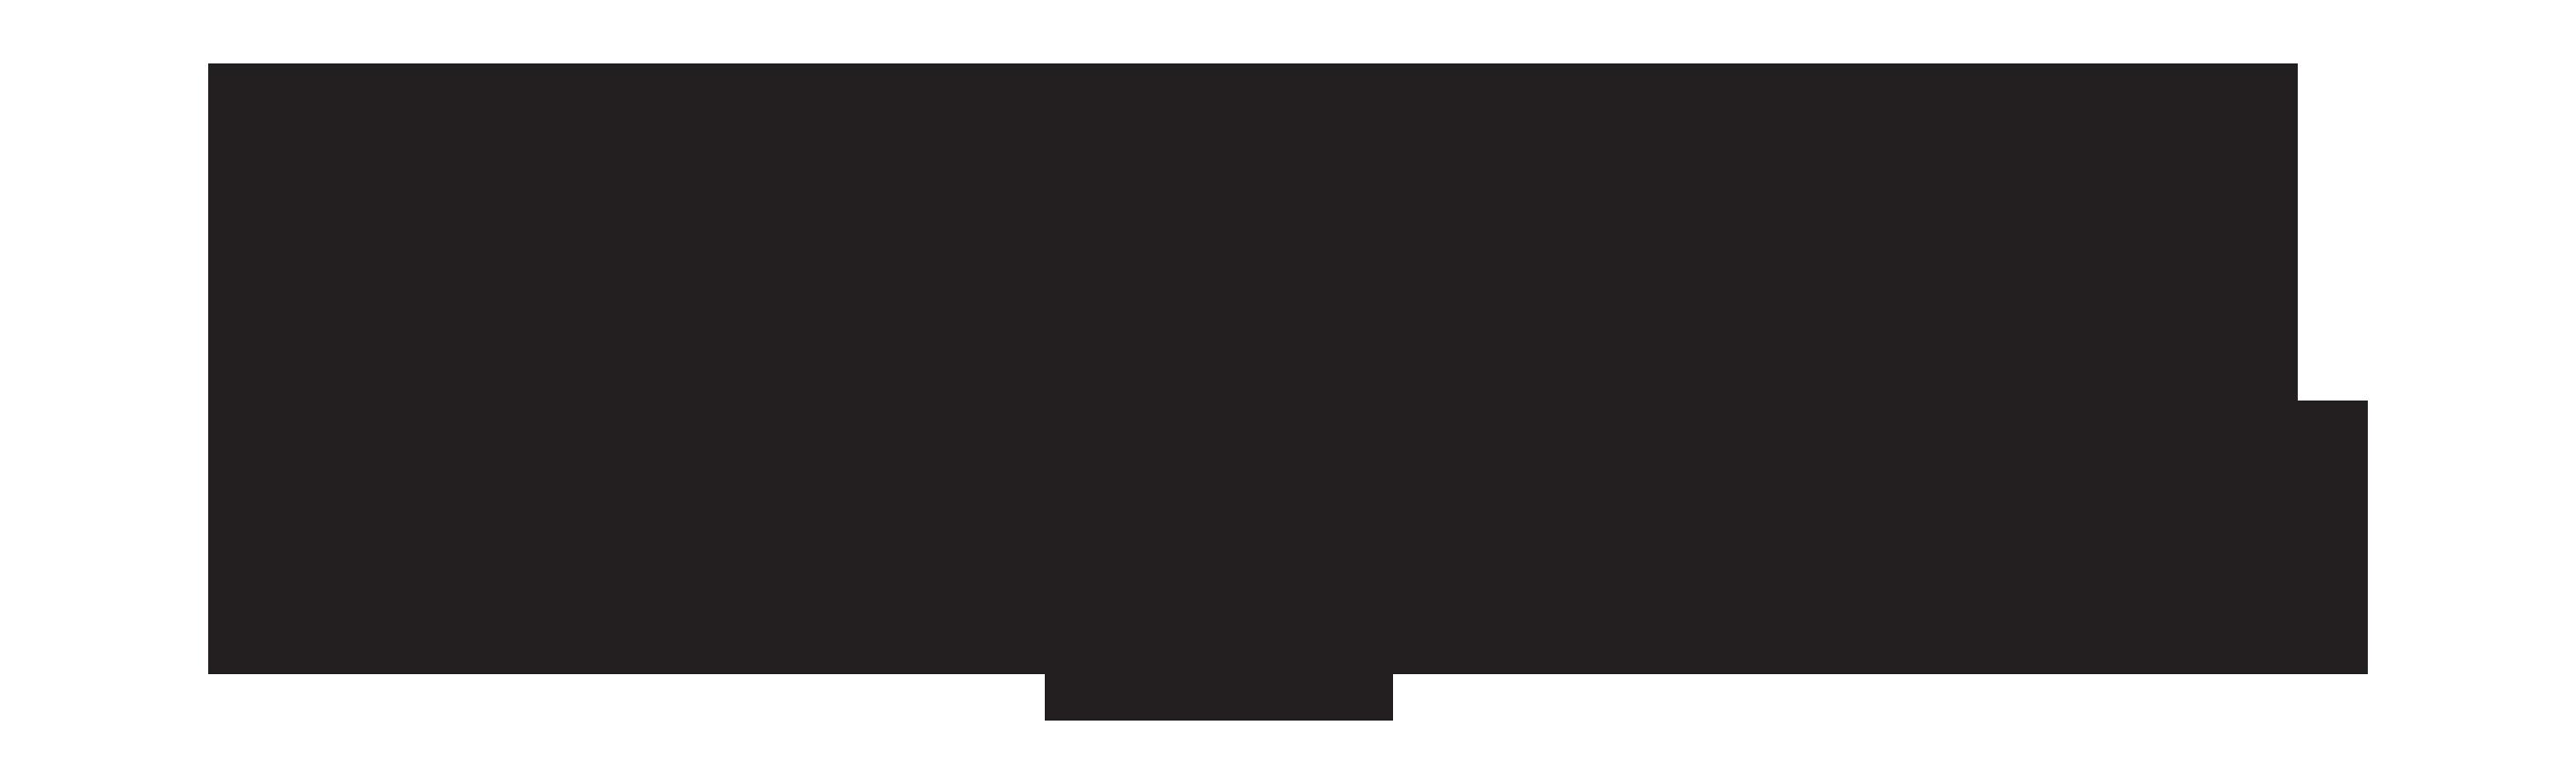 אדרה רוט ושות' עורכי דין